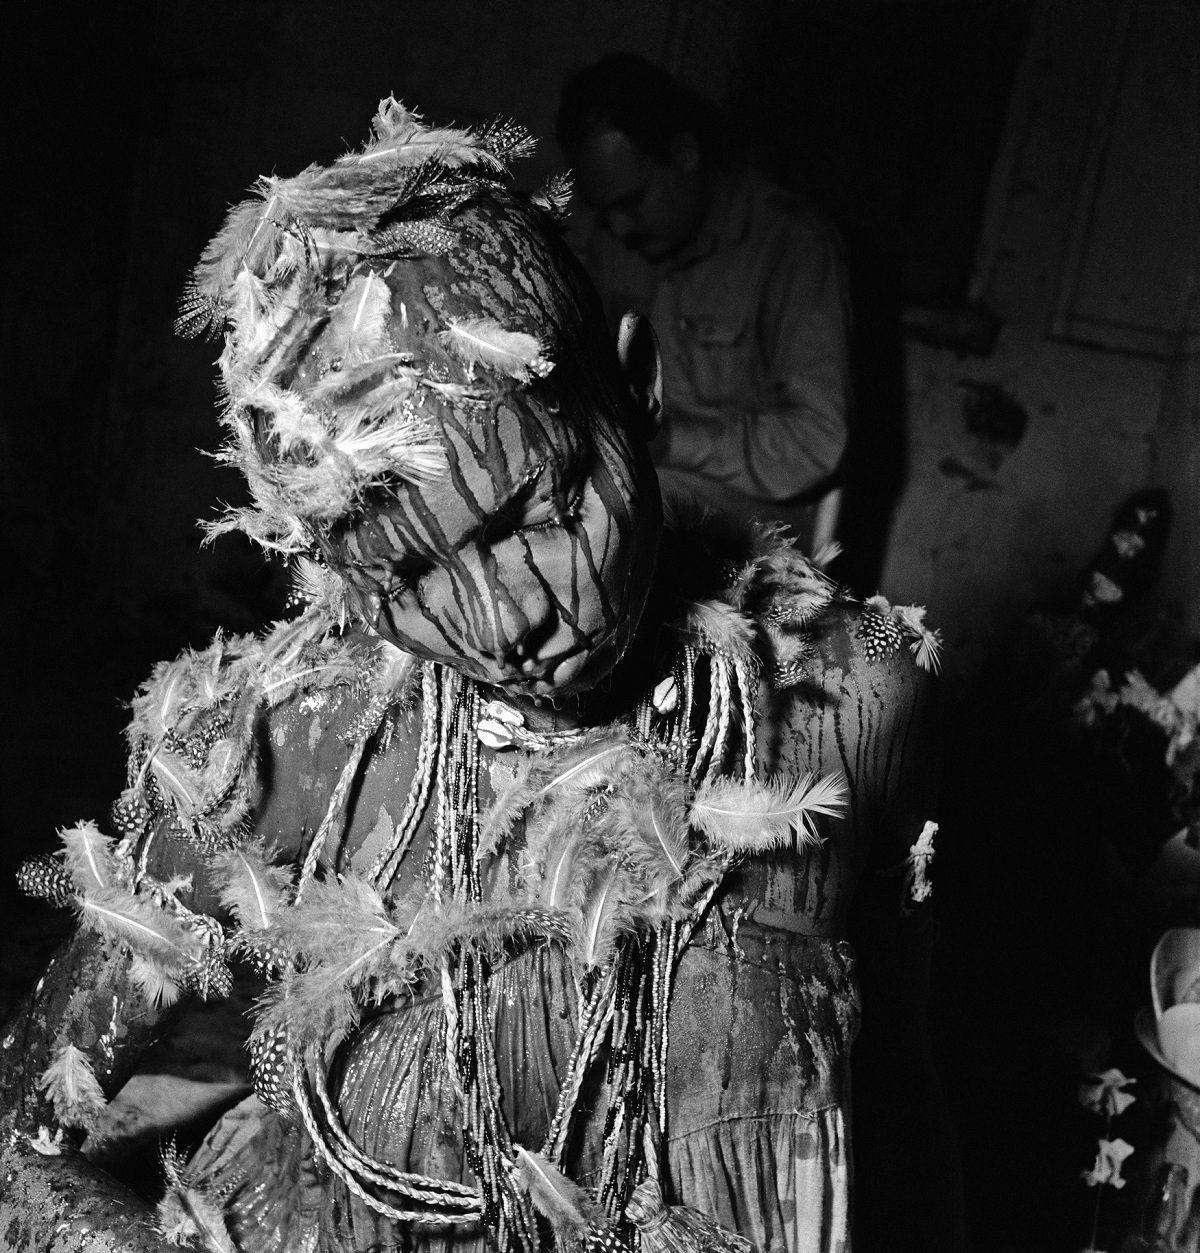 Посвящение в кандомбле. Бразилия, Баия, 1951. Фото Хосе Медейроса. Источник:https://catracalivre.com.br/criatividade/em-